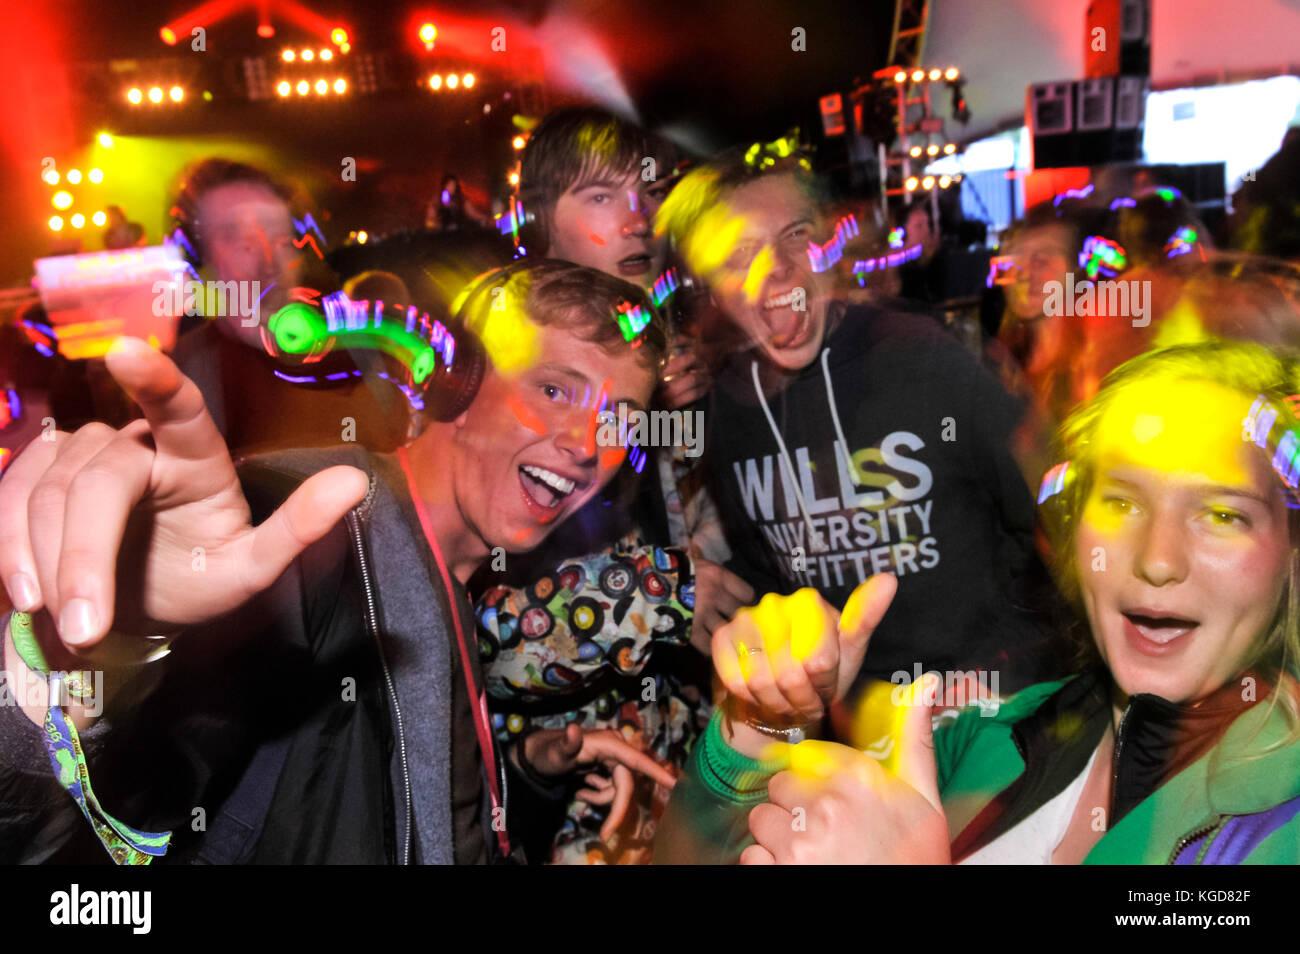 Glastonbury Festival di musica, i frequentatori del Festival godendo di una discoteca silenzioso dove è possibile Immagini Stock